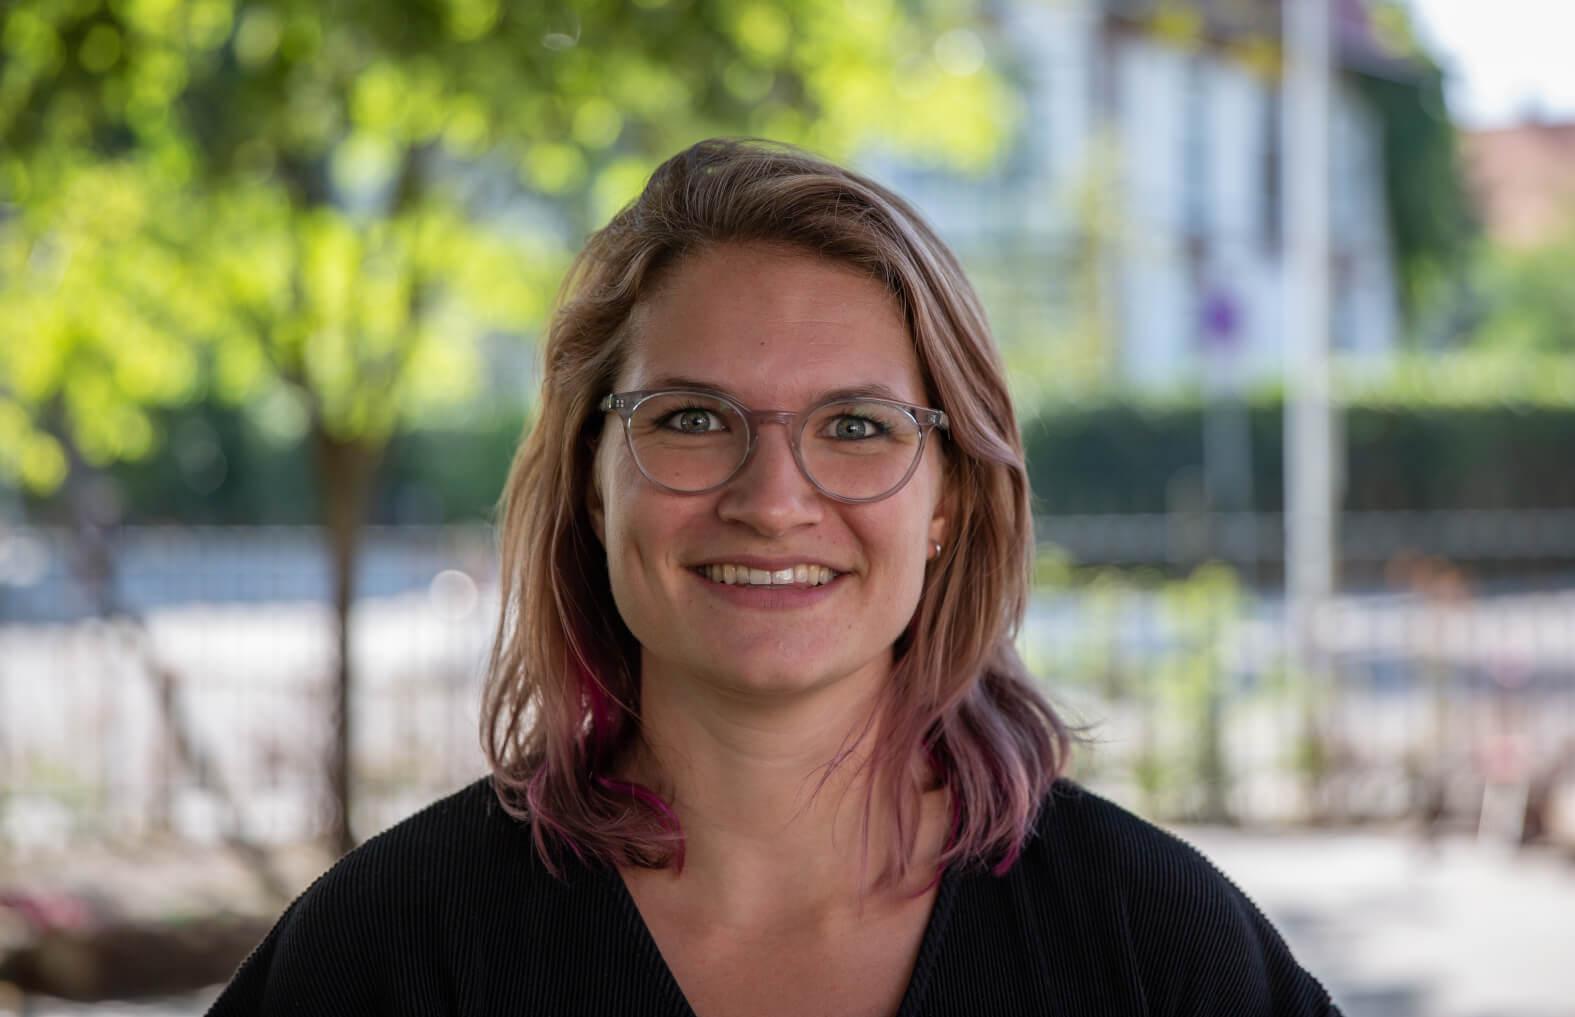 Lisa Veelo